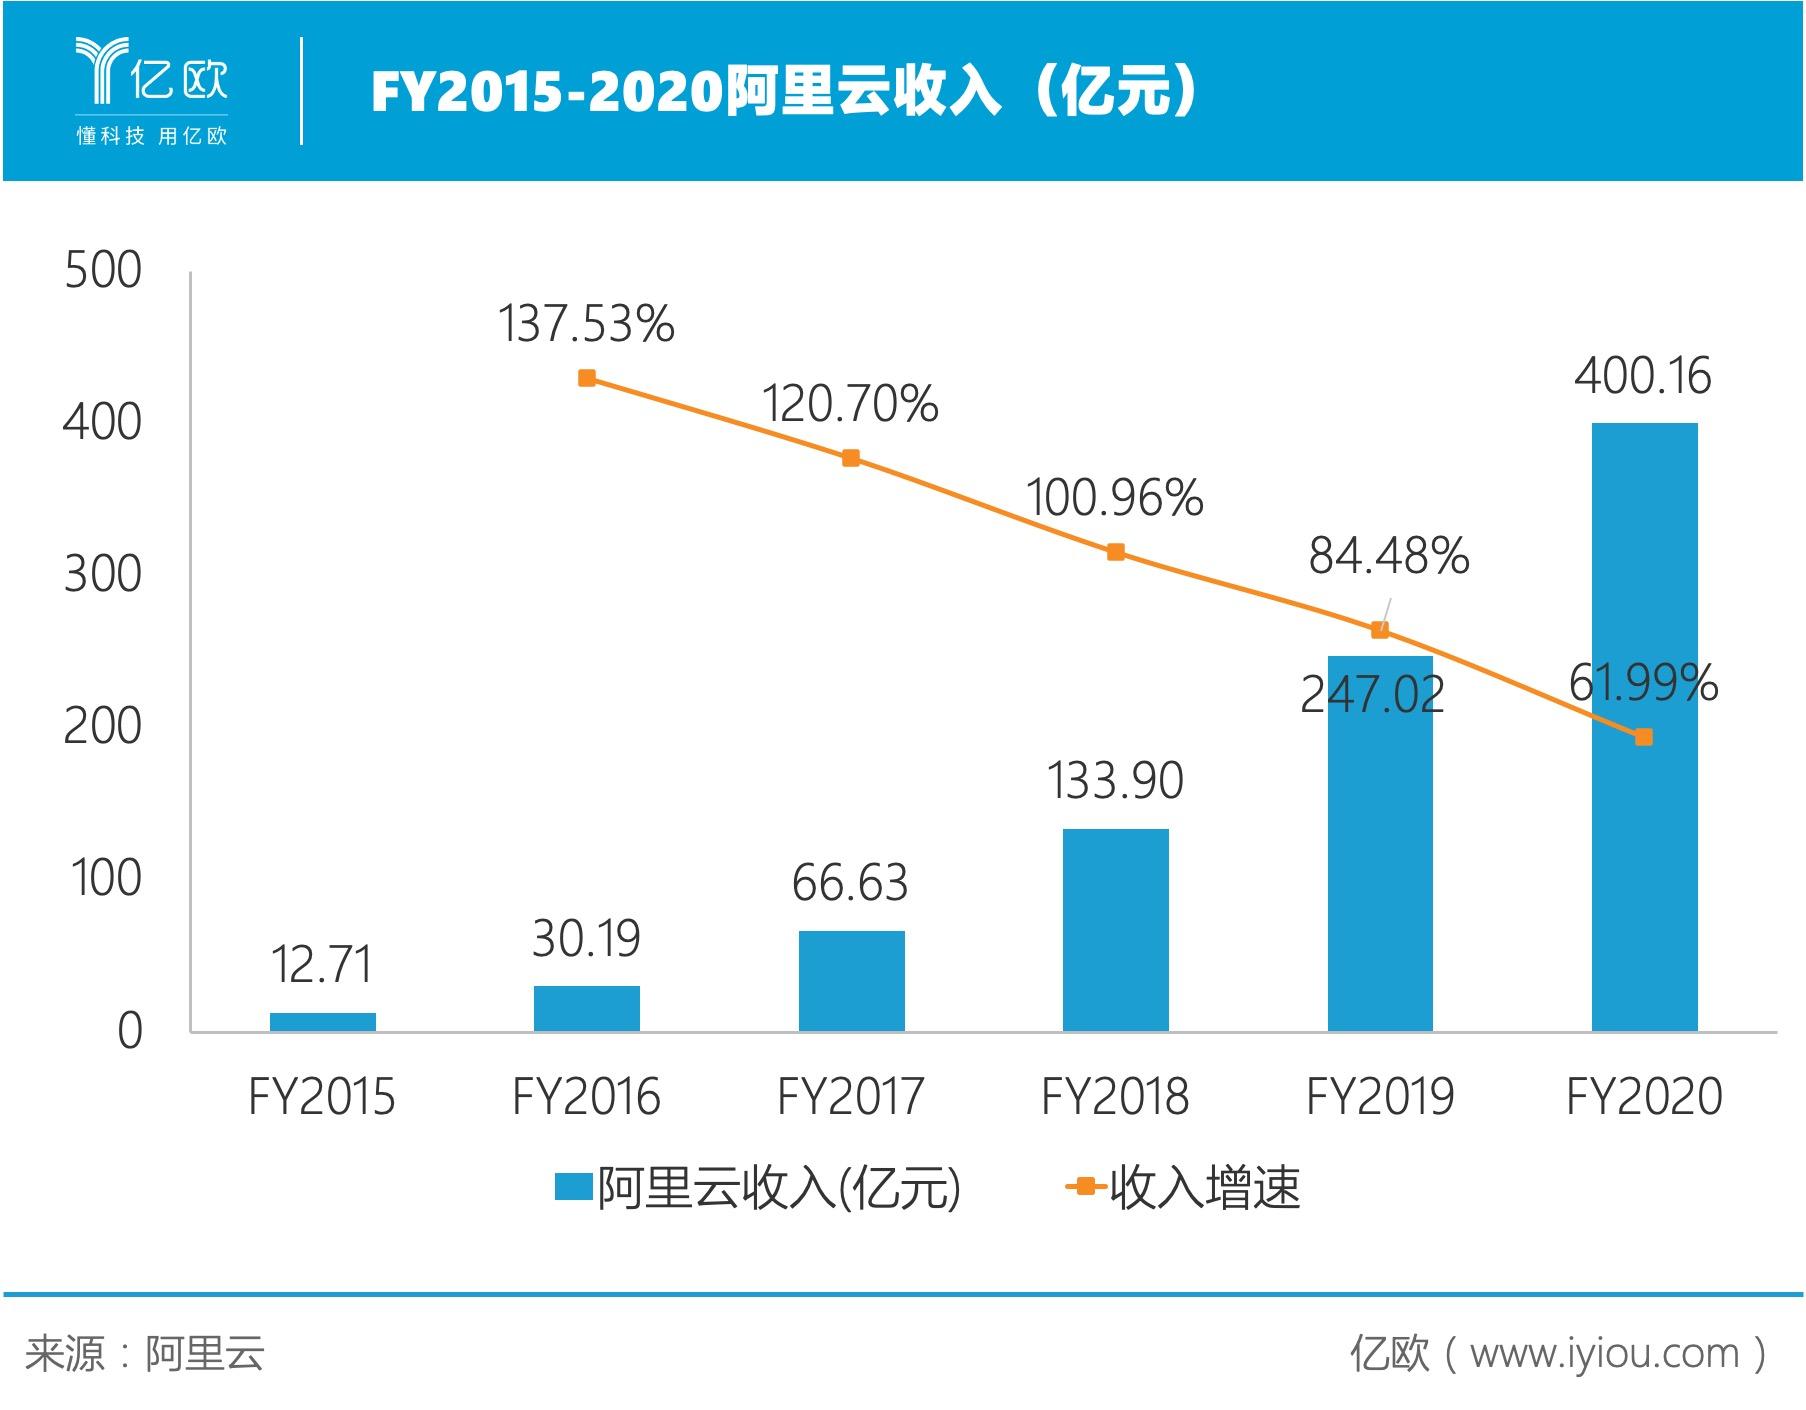 物联网推广平台:阿里云收入超400亿元,接下来的对手是AWS和Azure?